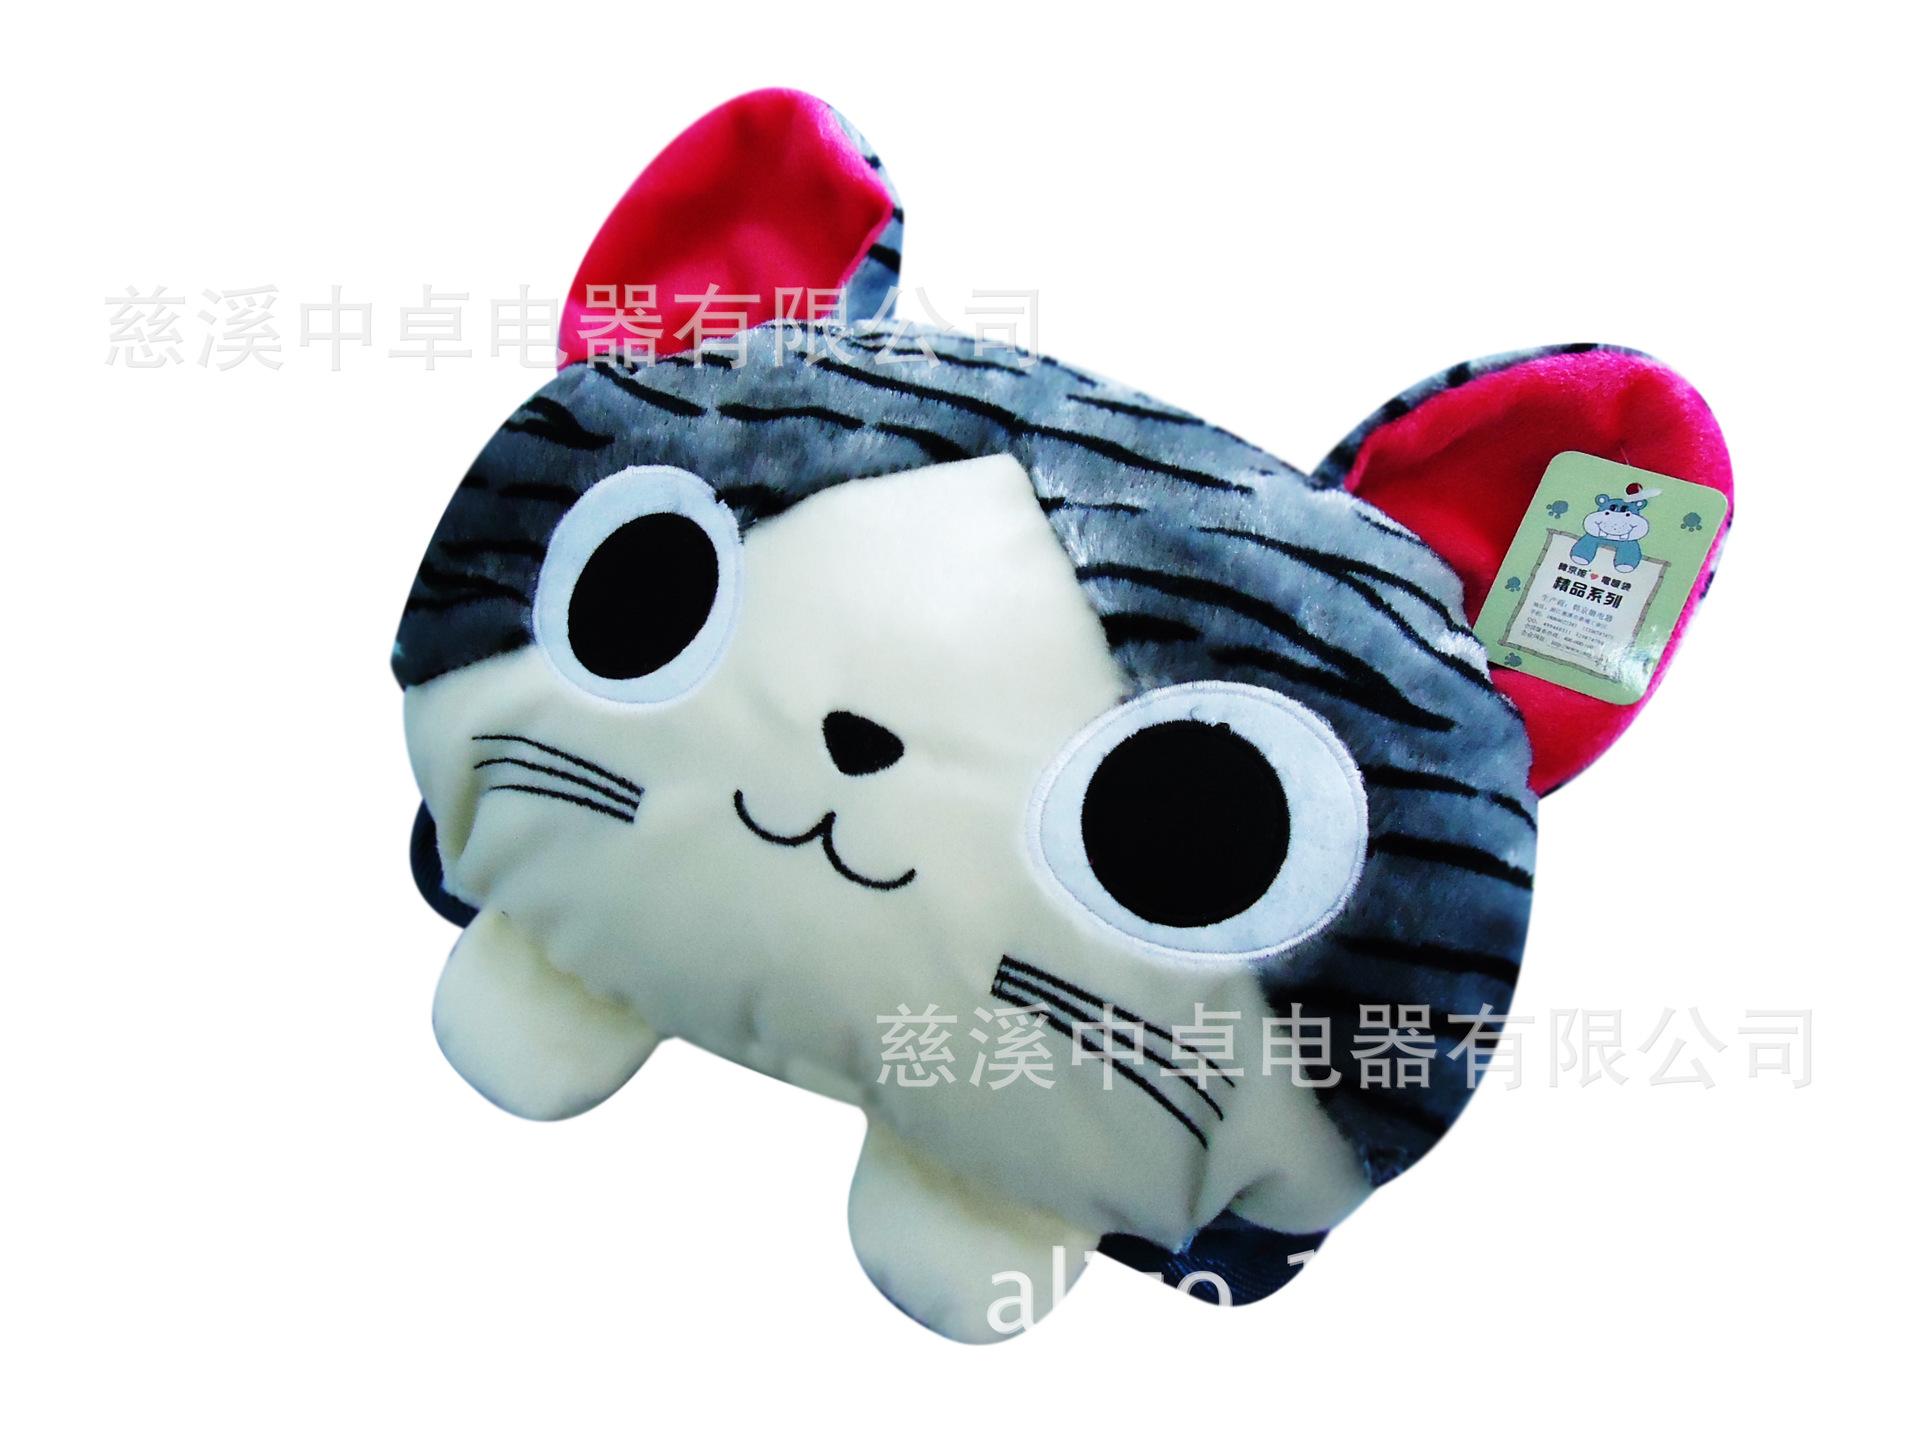 葫芦小宝卡通防爆充电电热水袋暖手袋双插手起司猫